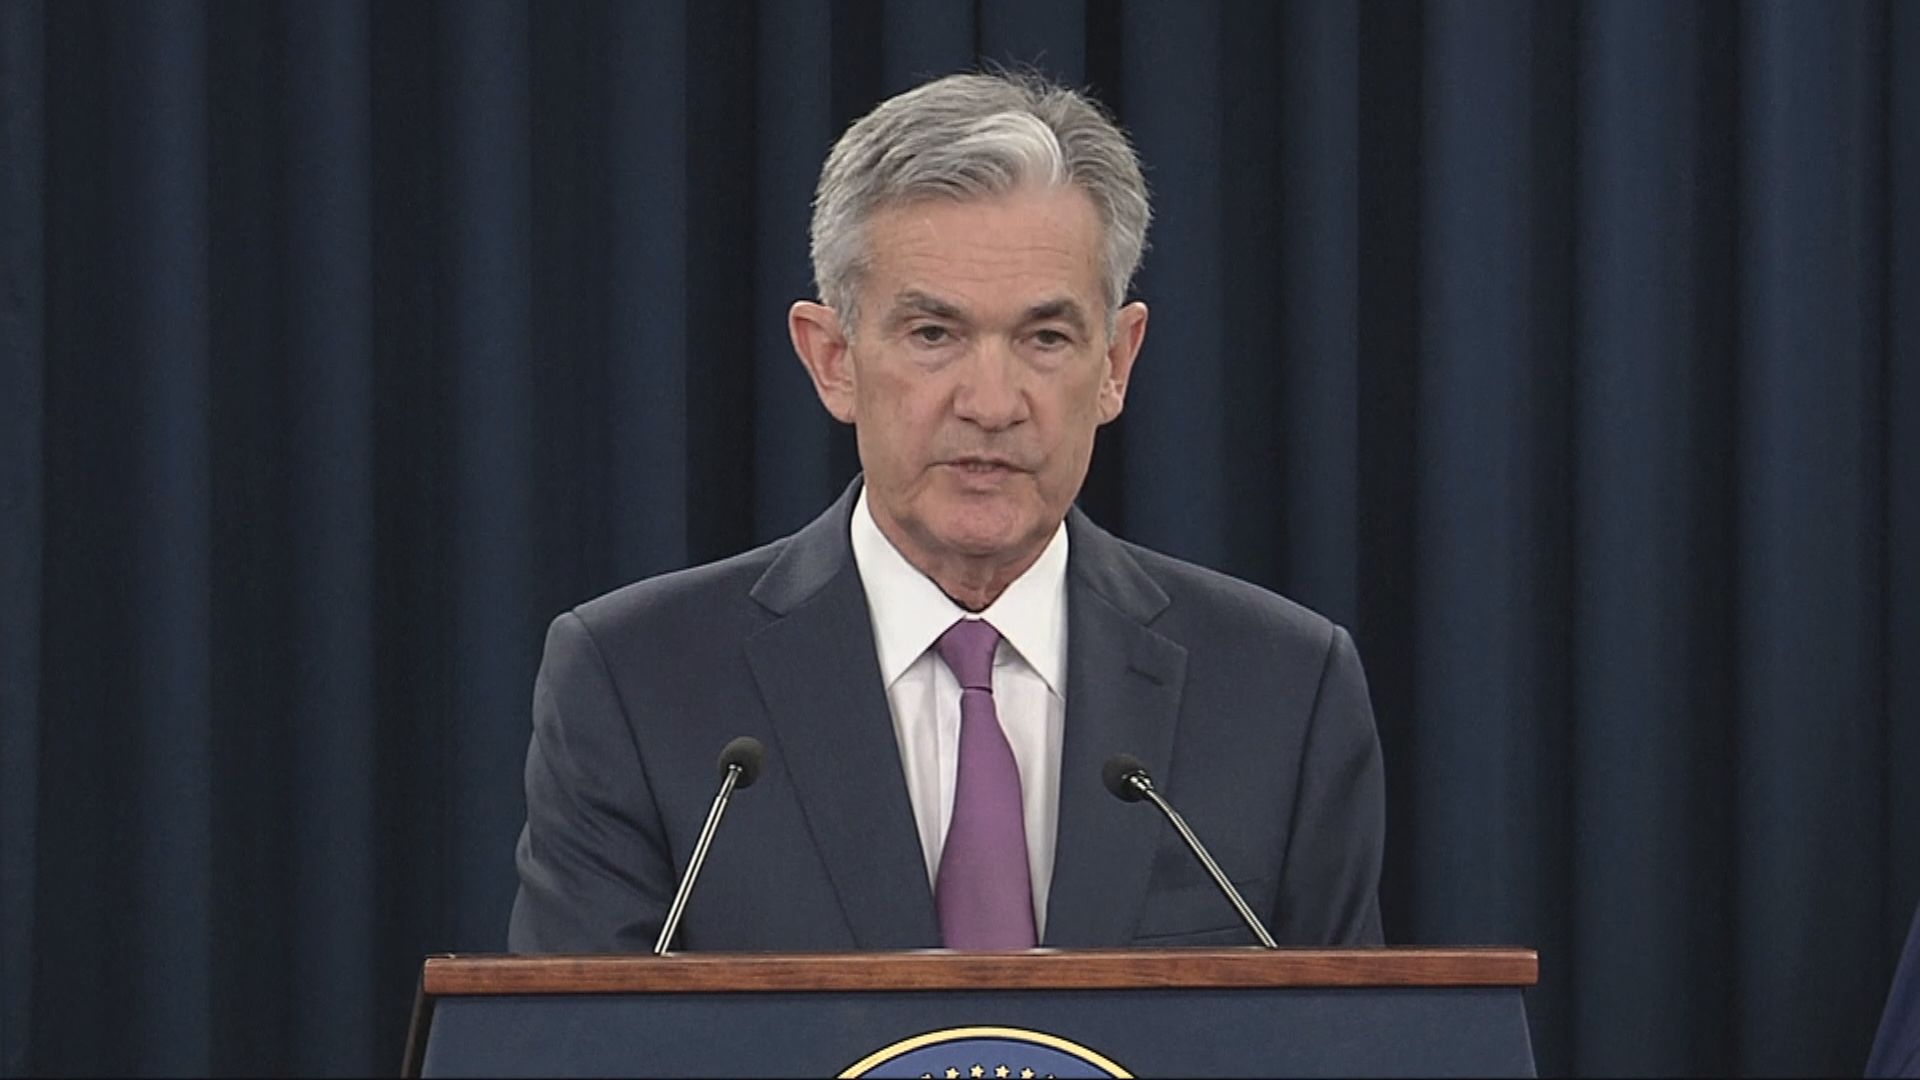 鮑威爾對疫情反彈感憂慮 稱美經濟未來幾個月仍面挑戰